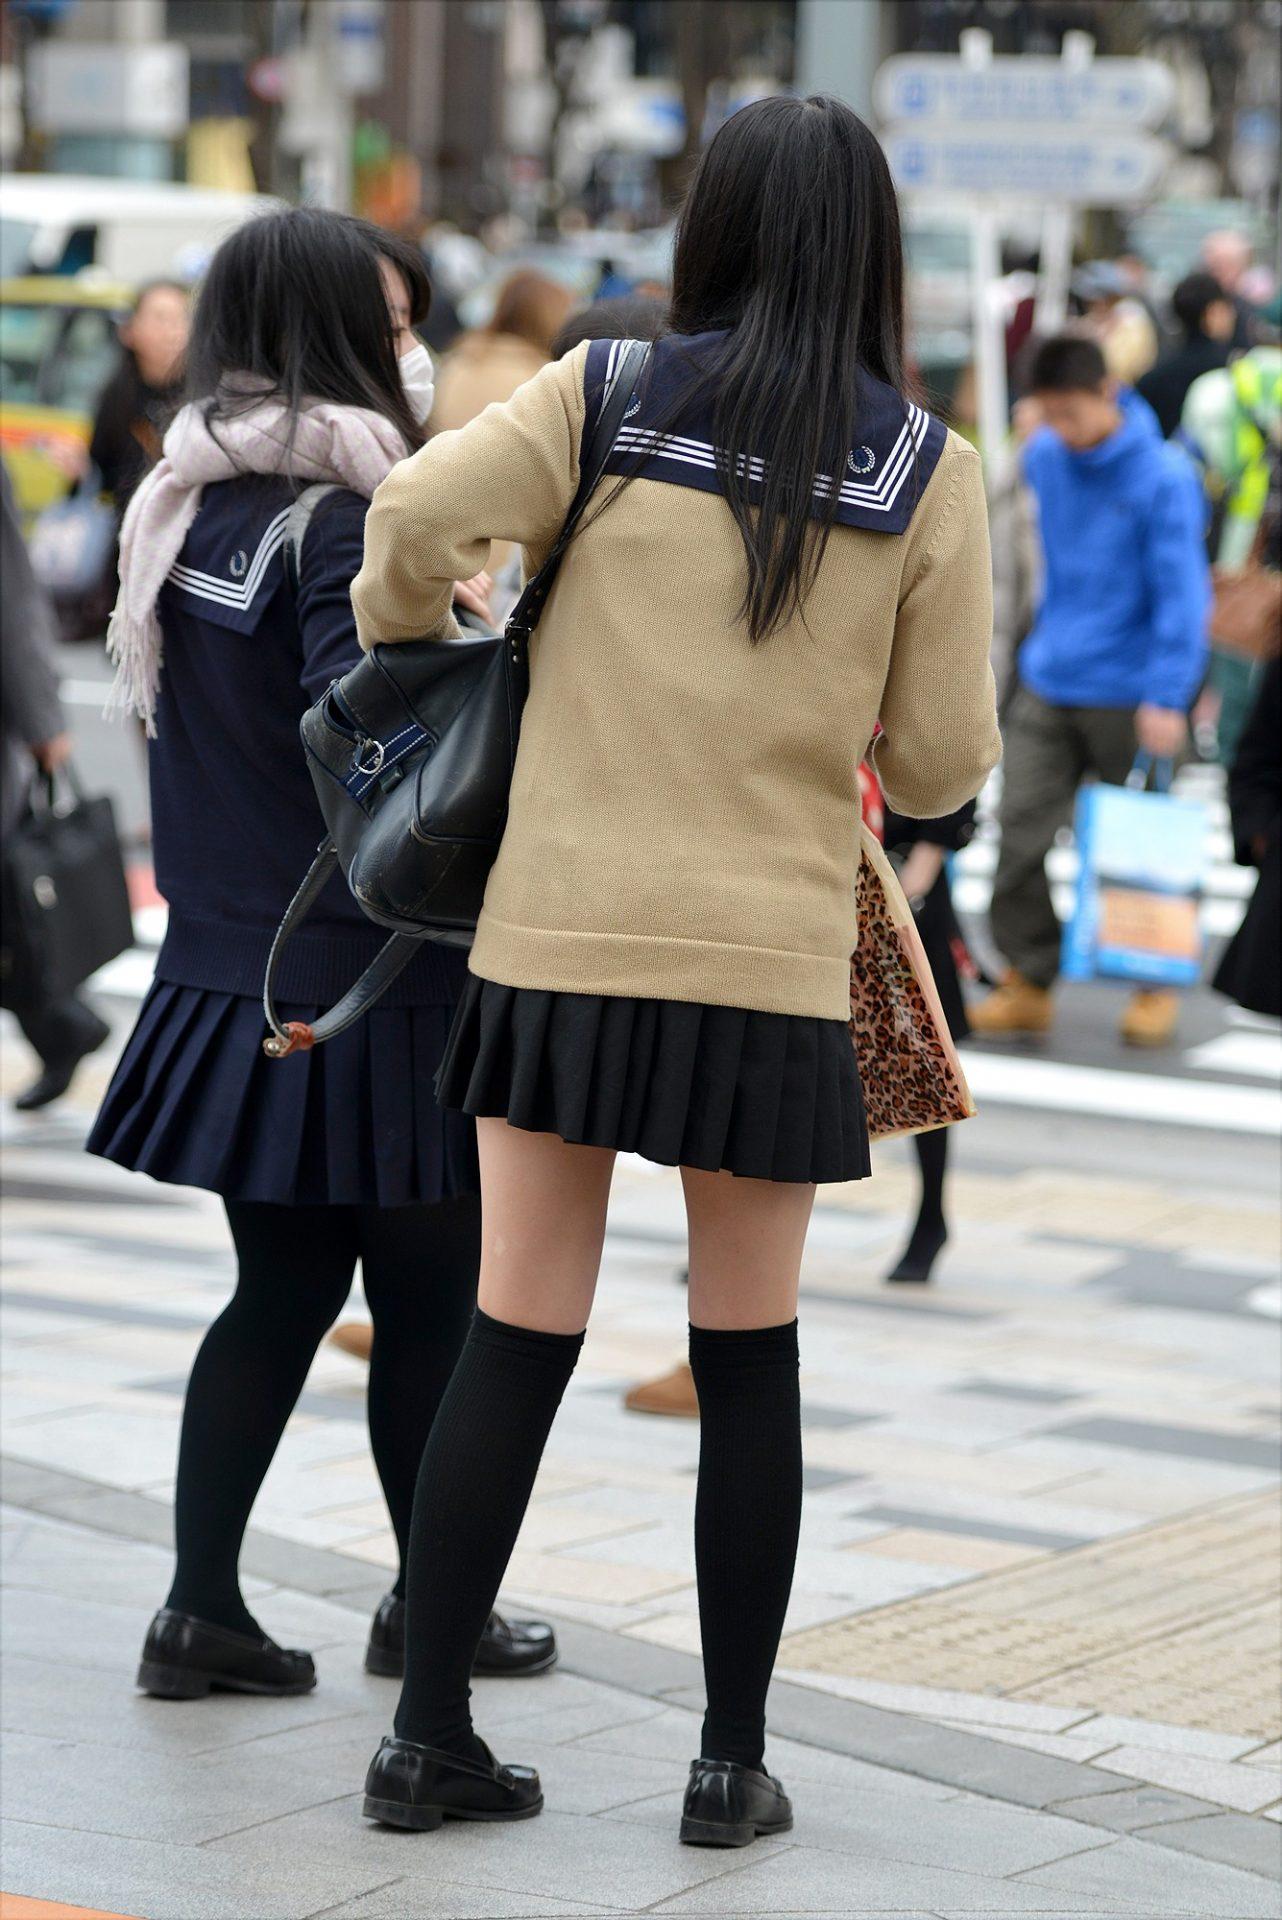 三次元 3次元 エロ画像 女子校生 ニーソ JK 制服 美脚べっぴん娘通信 012